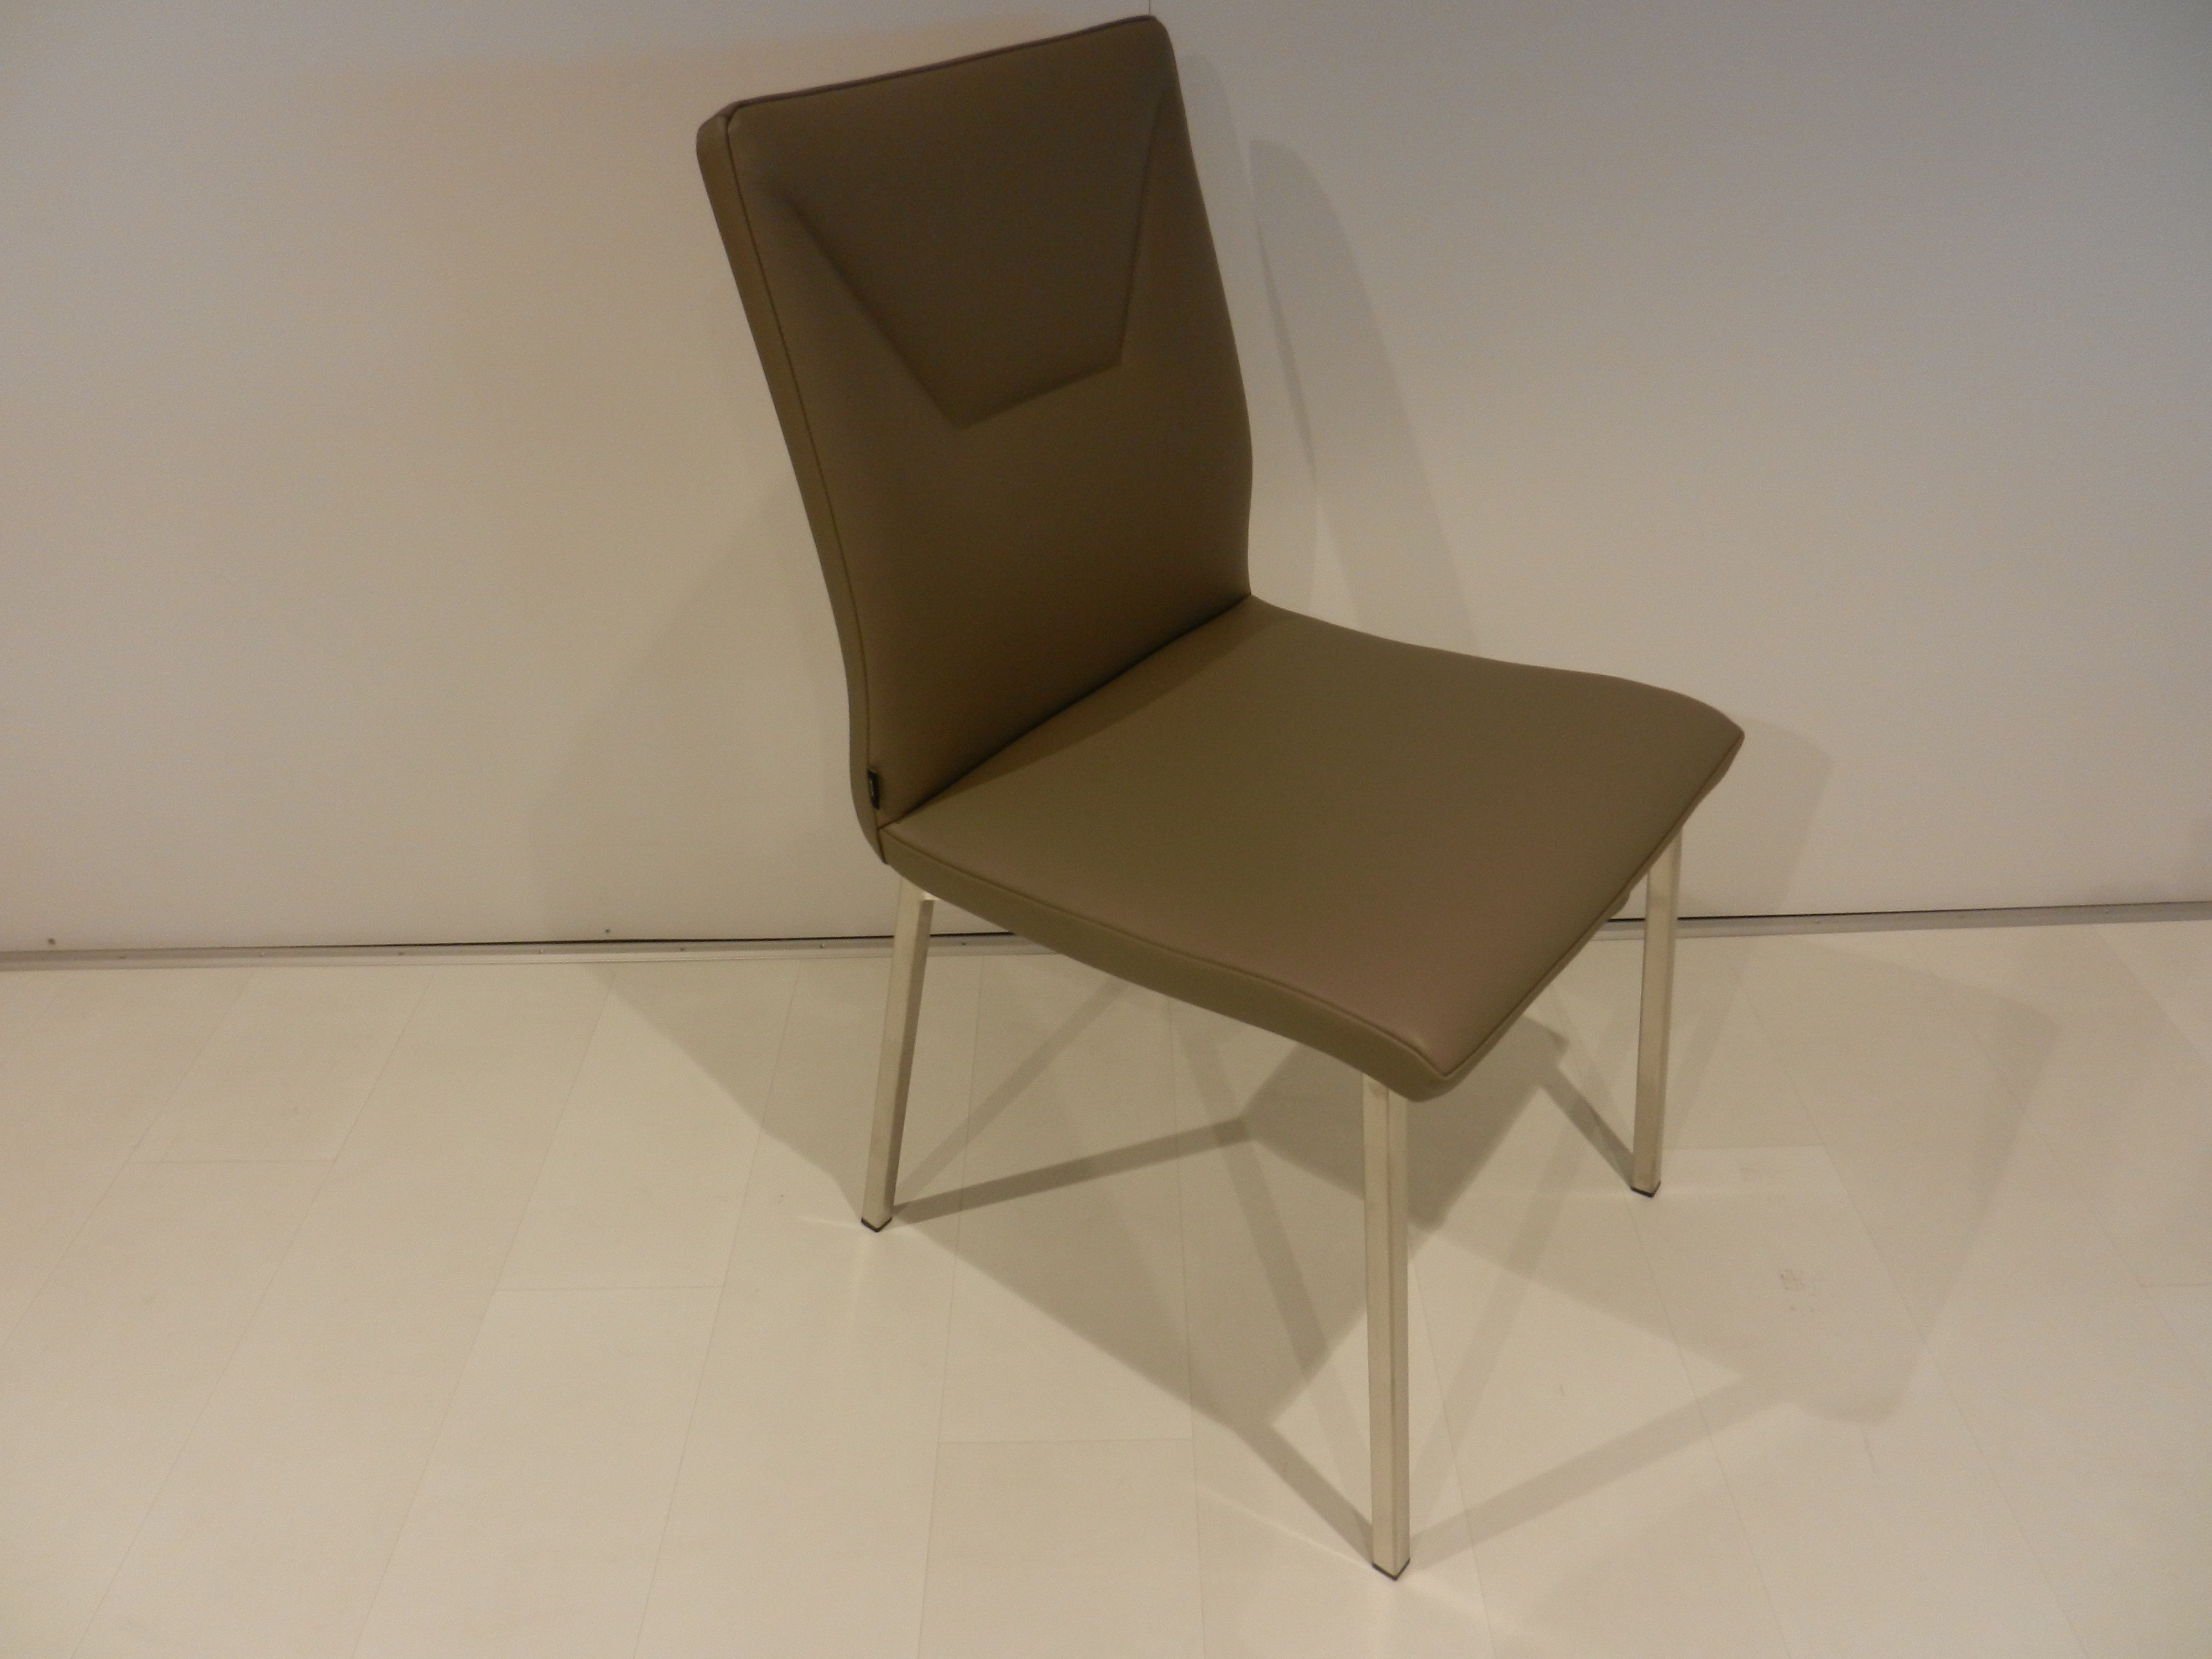 6 Stühle Lily von Seetal 02